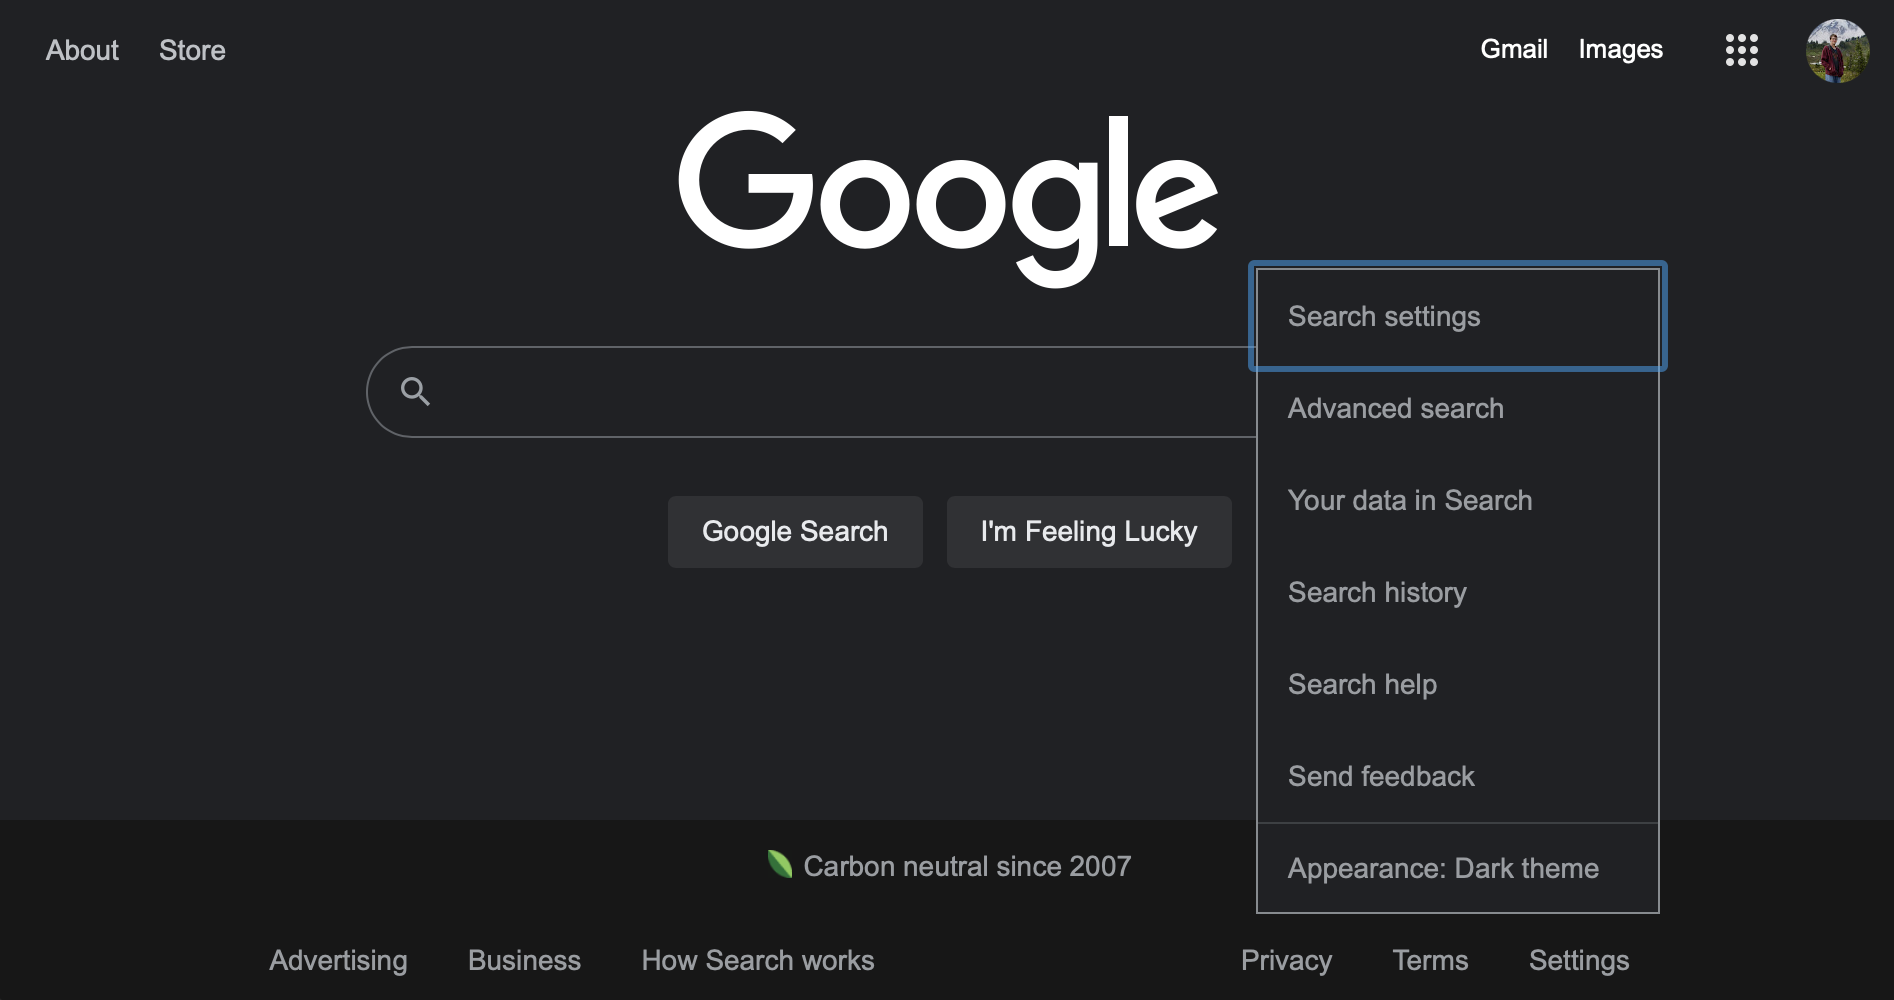 गुगल सर्चमा अब आधिकारीकरुपमा डार्क मोड उपलब्ध